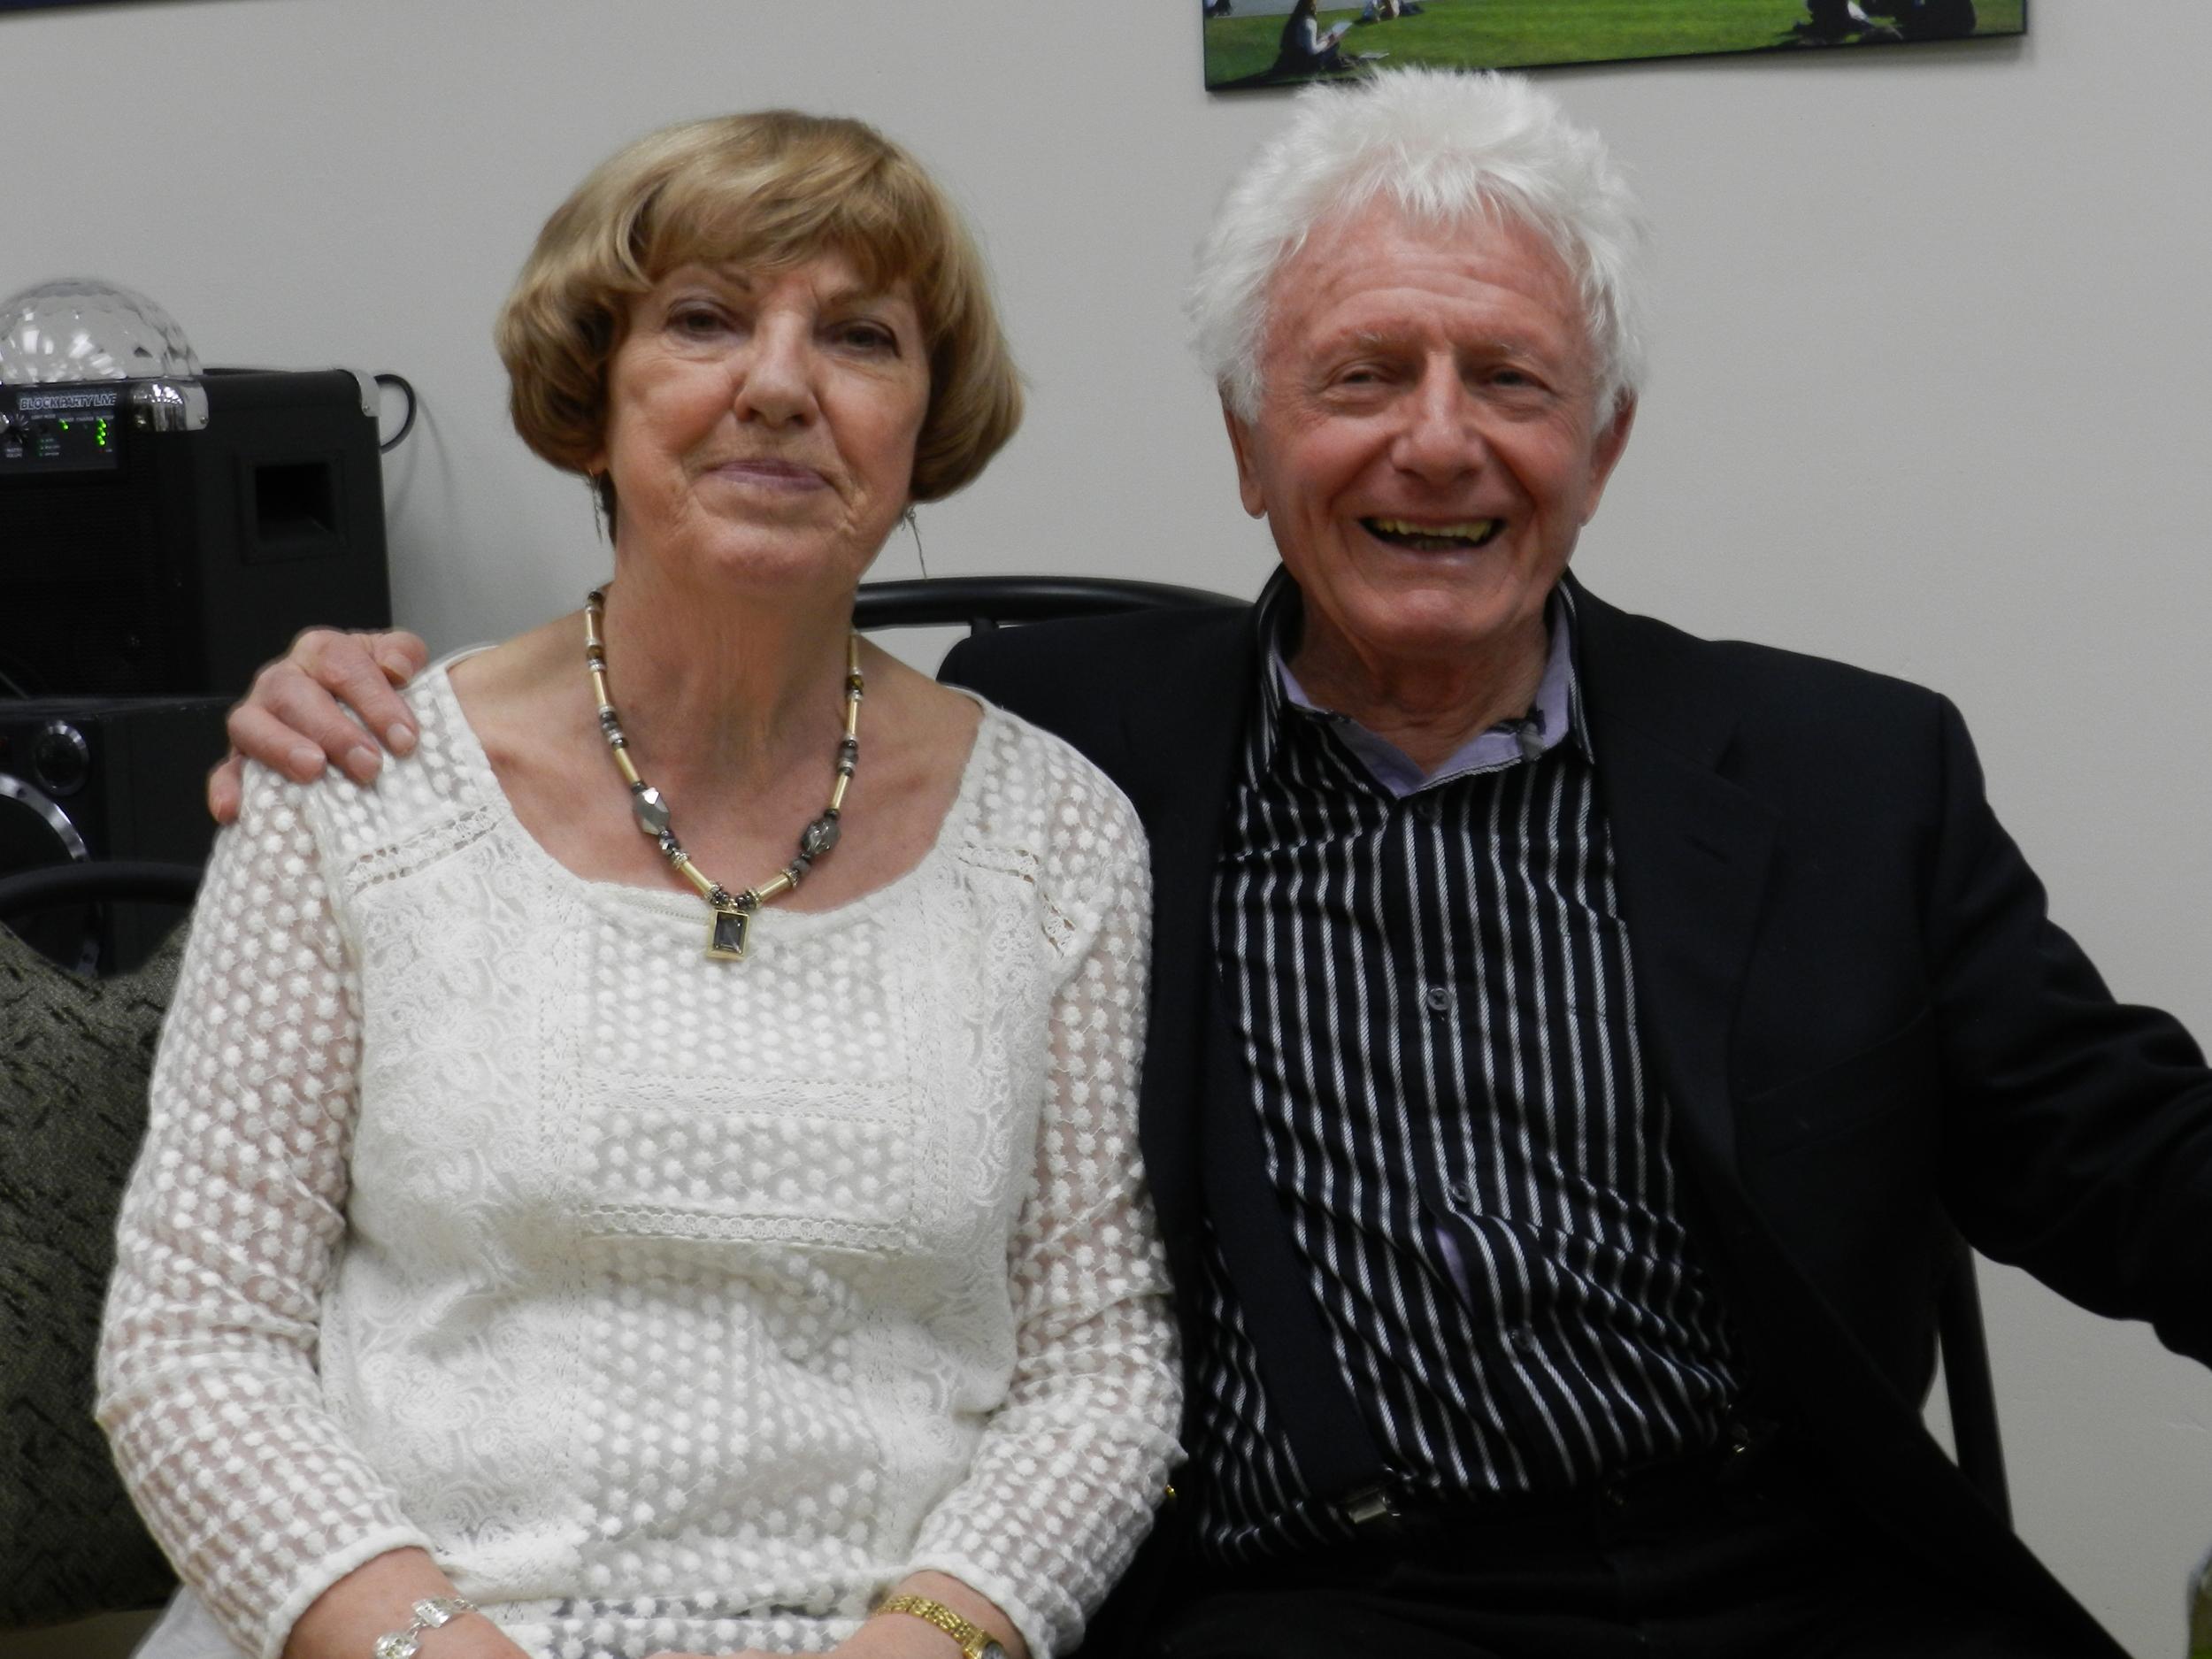 Jan 2016 - Open house - Dympna Callaghan & Tony Black